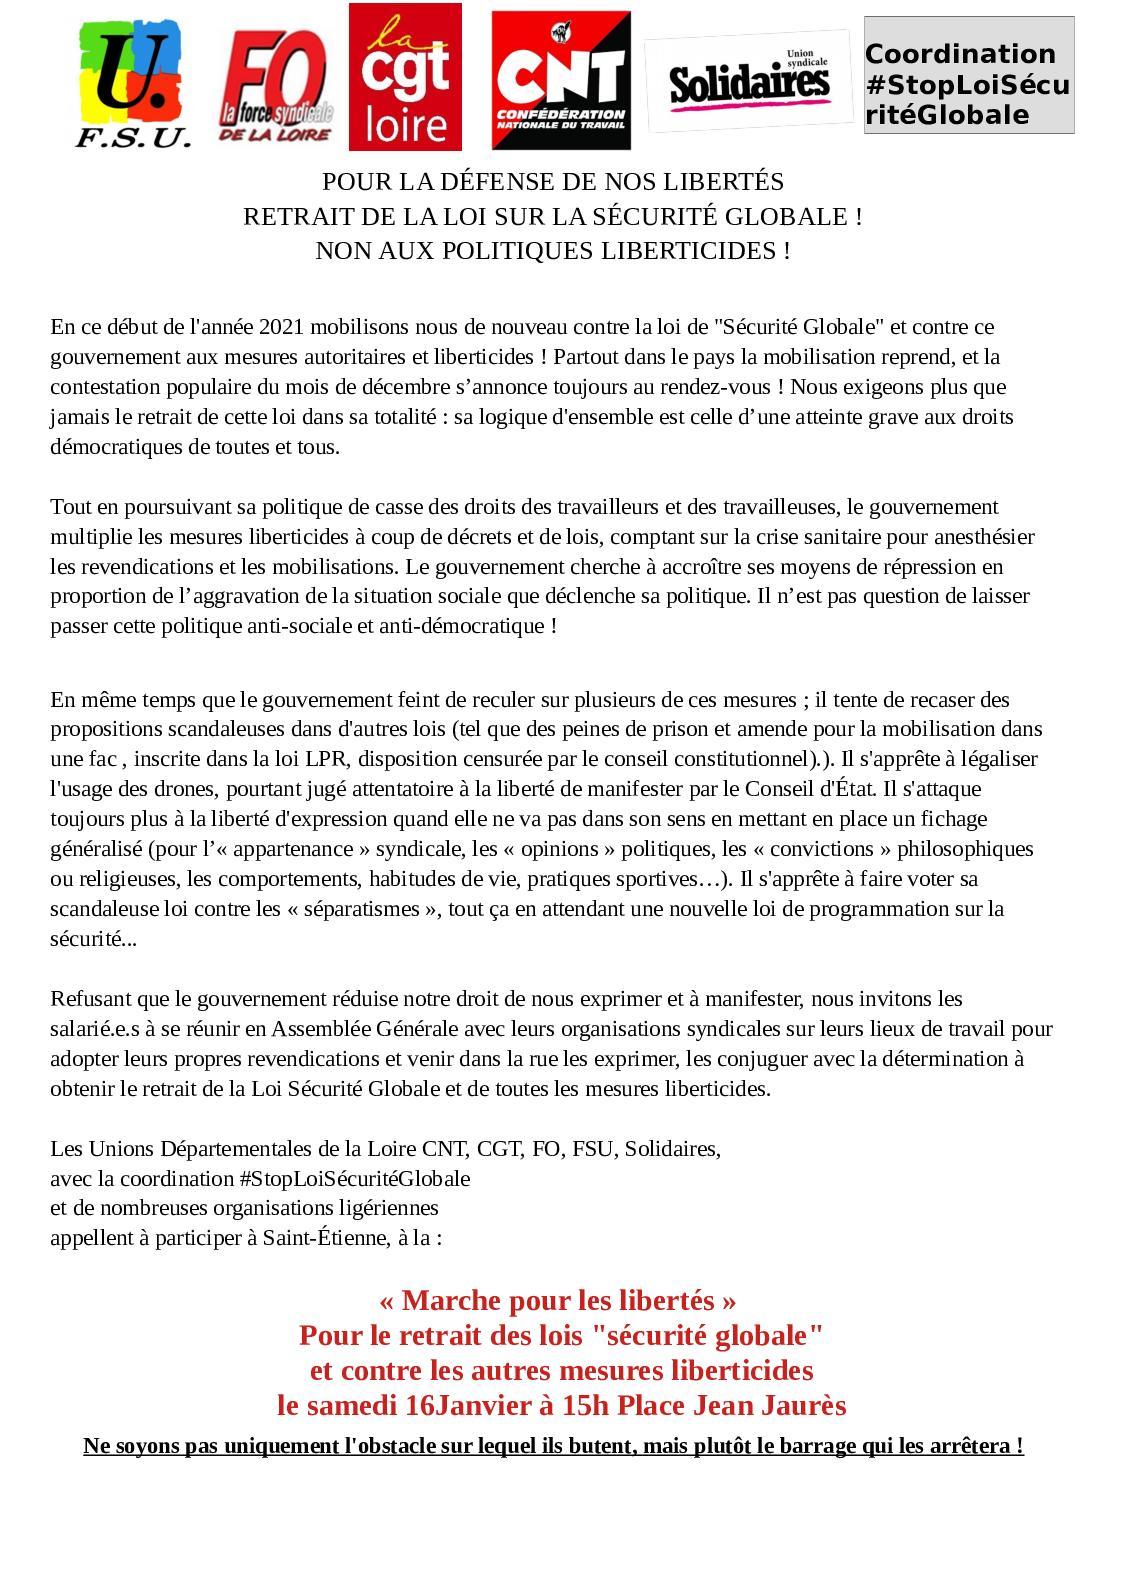 Calameo Communique Intersyndical Du 16 01 21